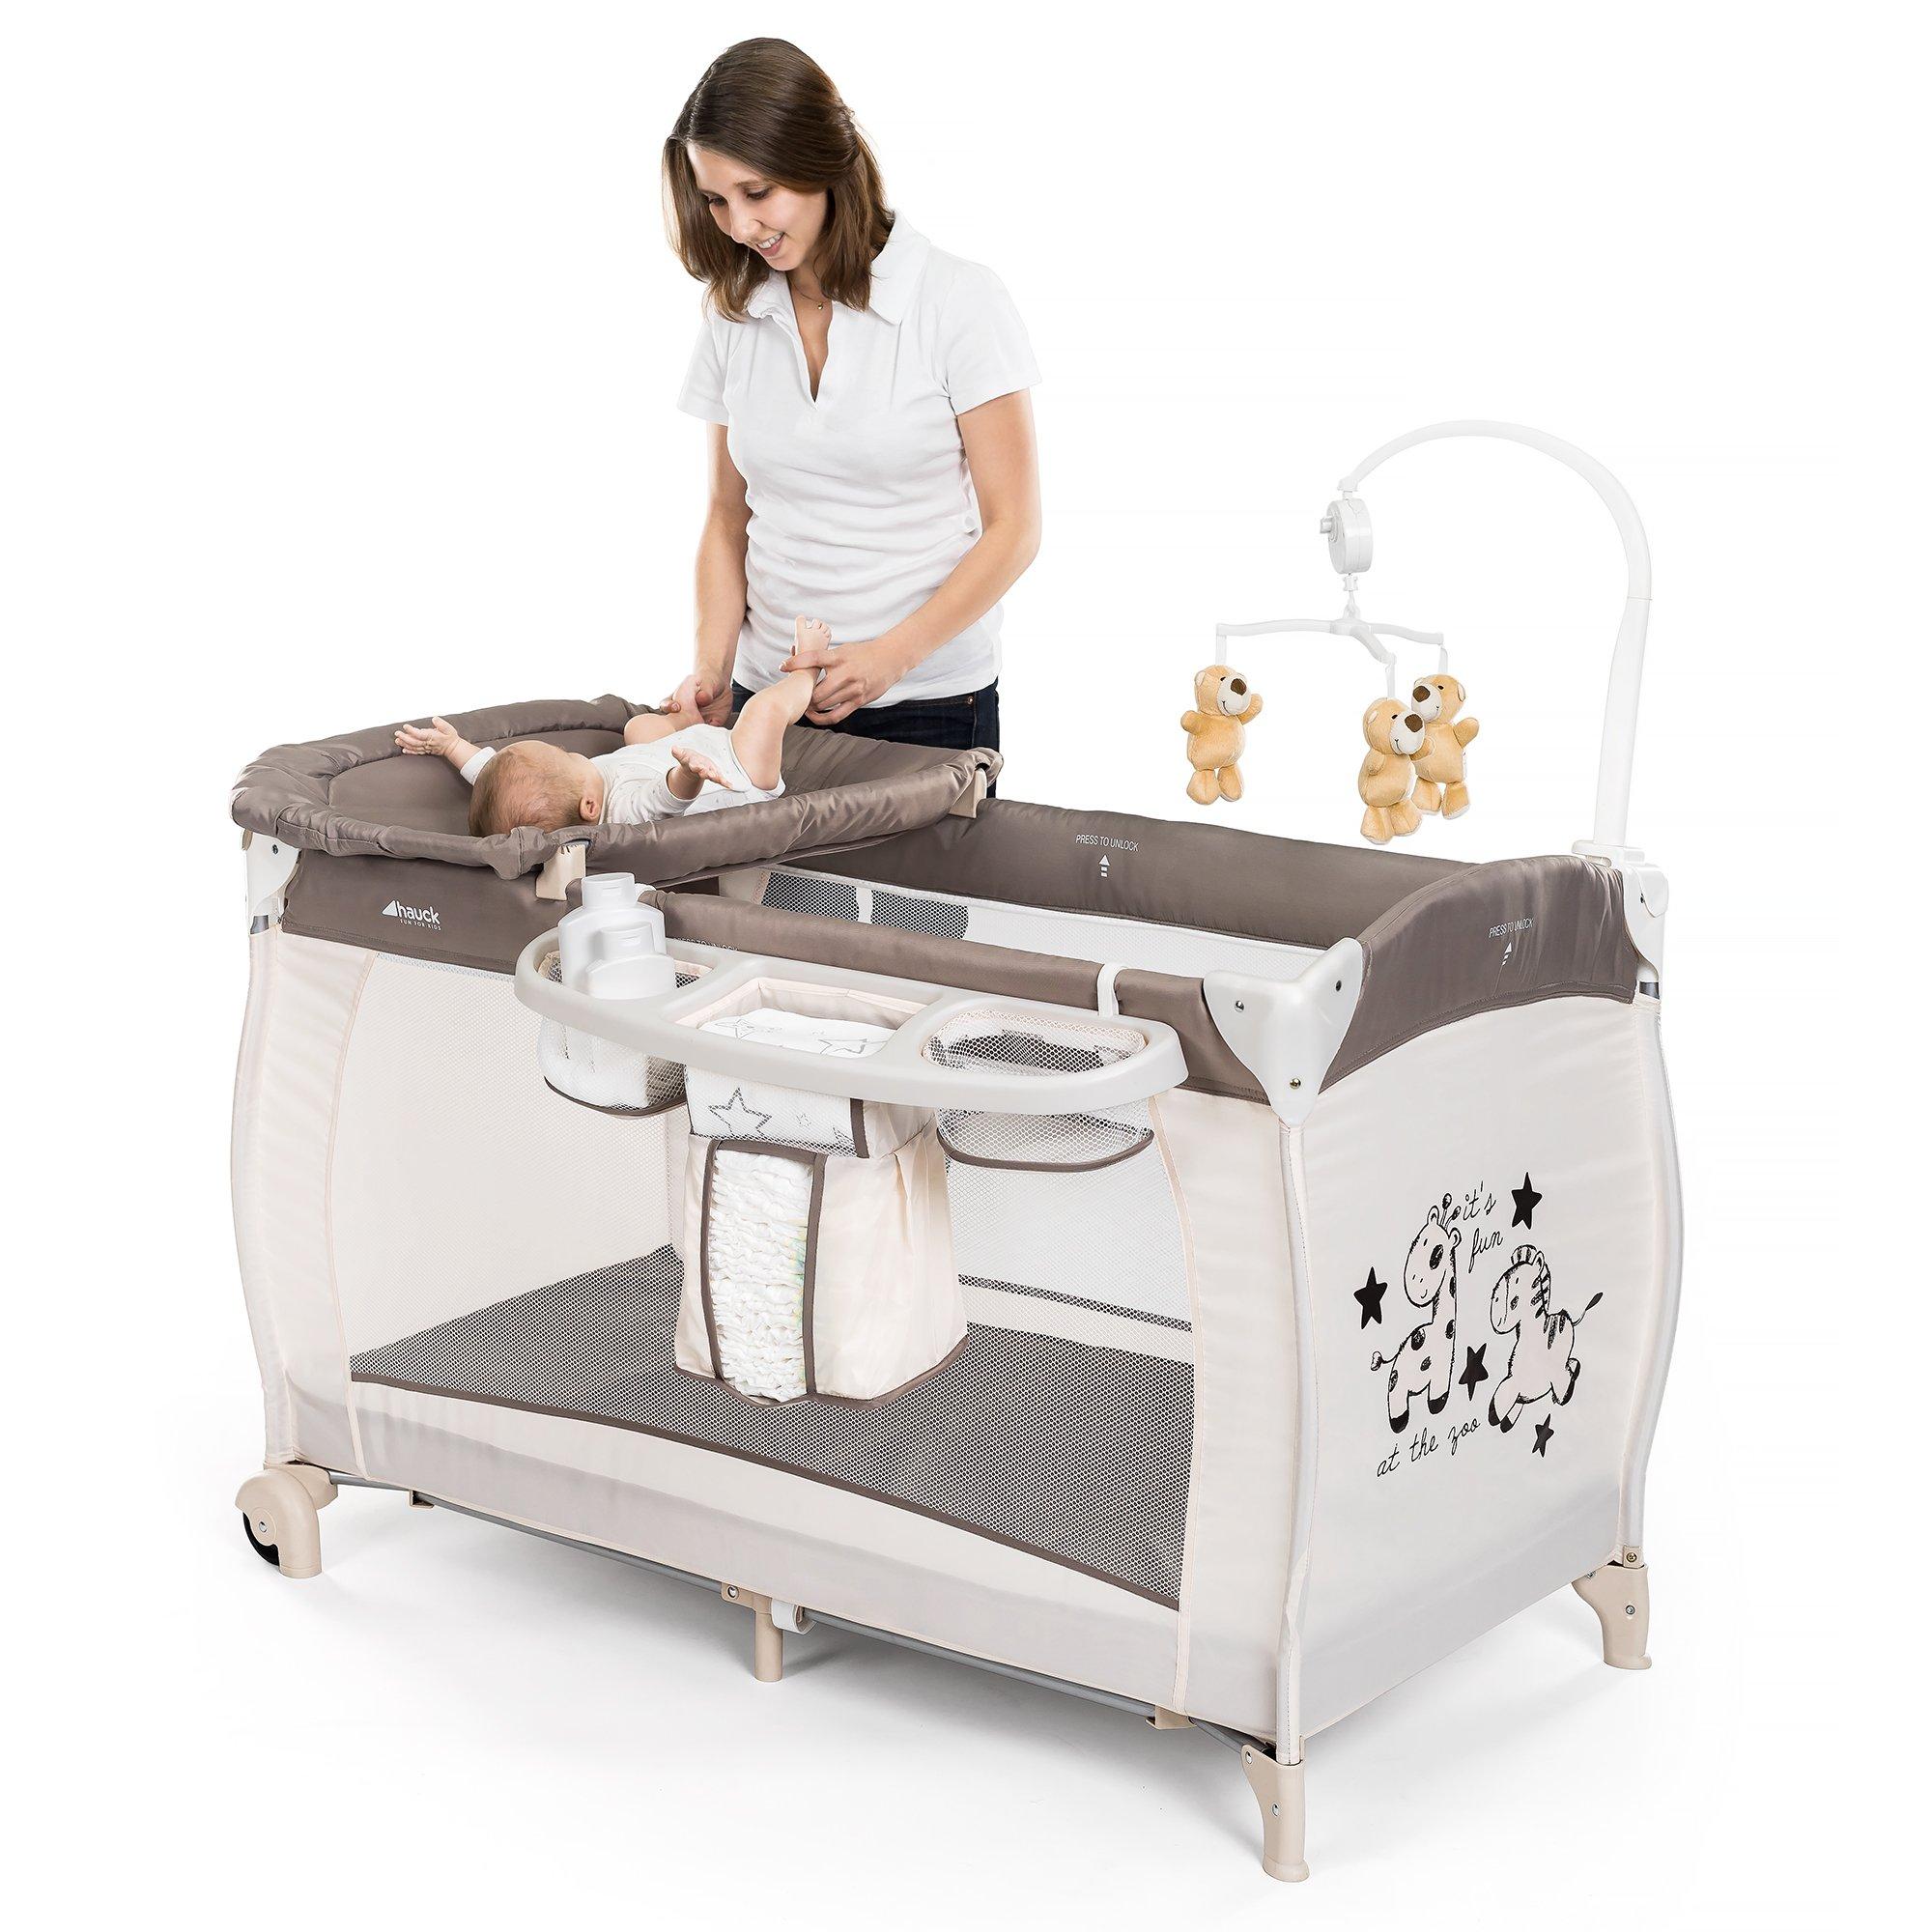 HAUCK – Cuna de viaje para bebé BabyCenter Zoo – Incluye elevador para recién nacidos,